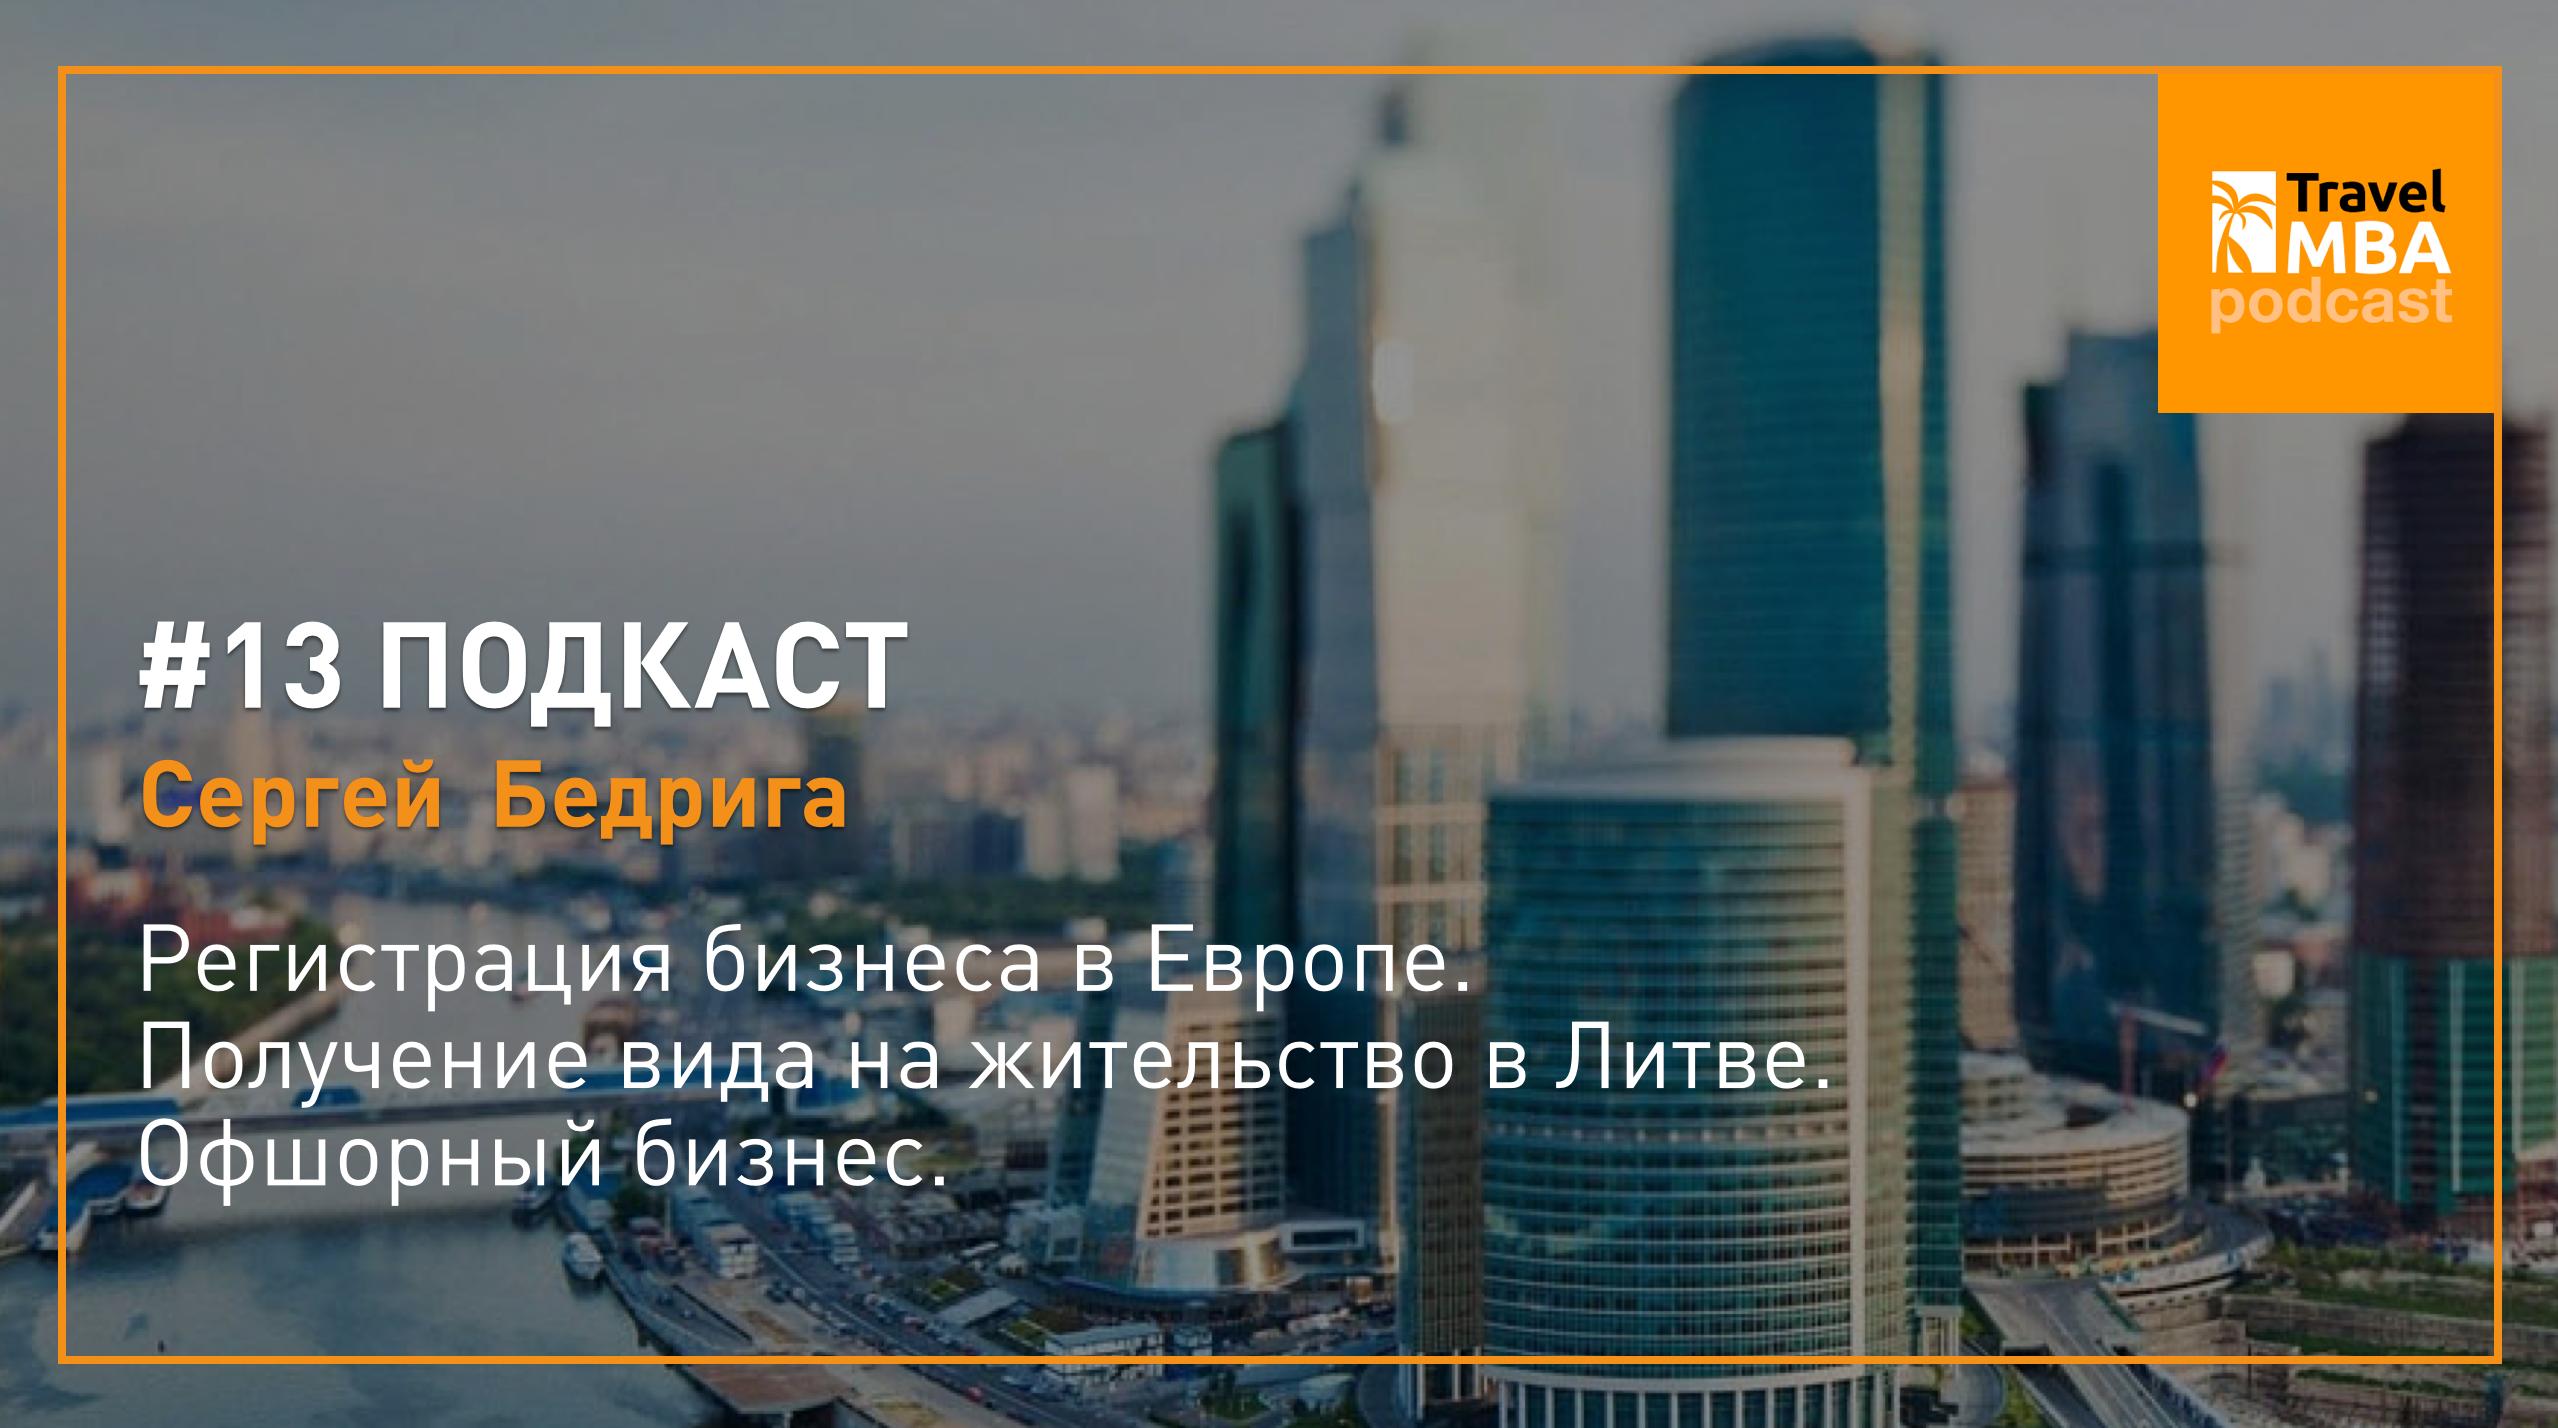 [Подкаст] - Регистрация компании в Европе. Как получить вид на жительство в Литве